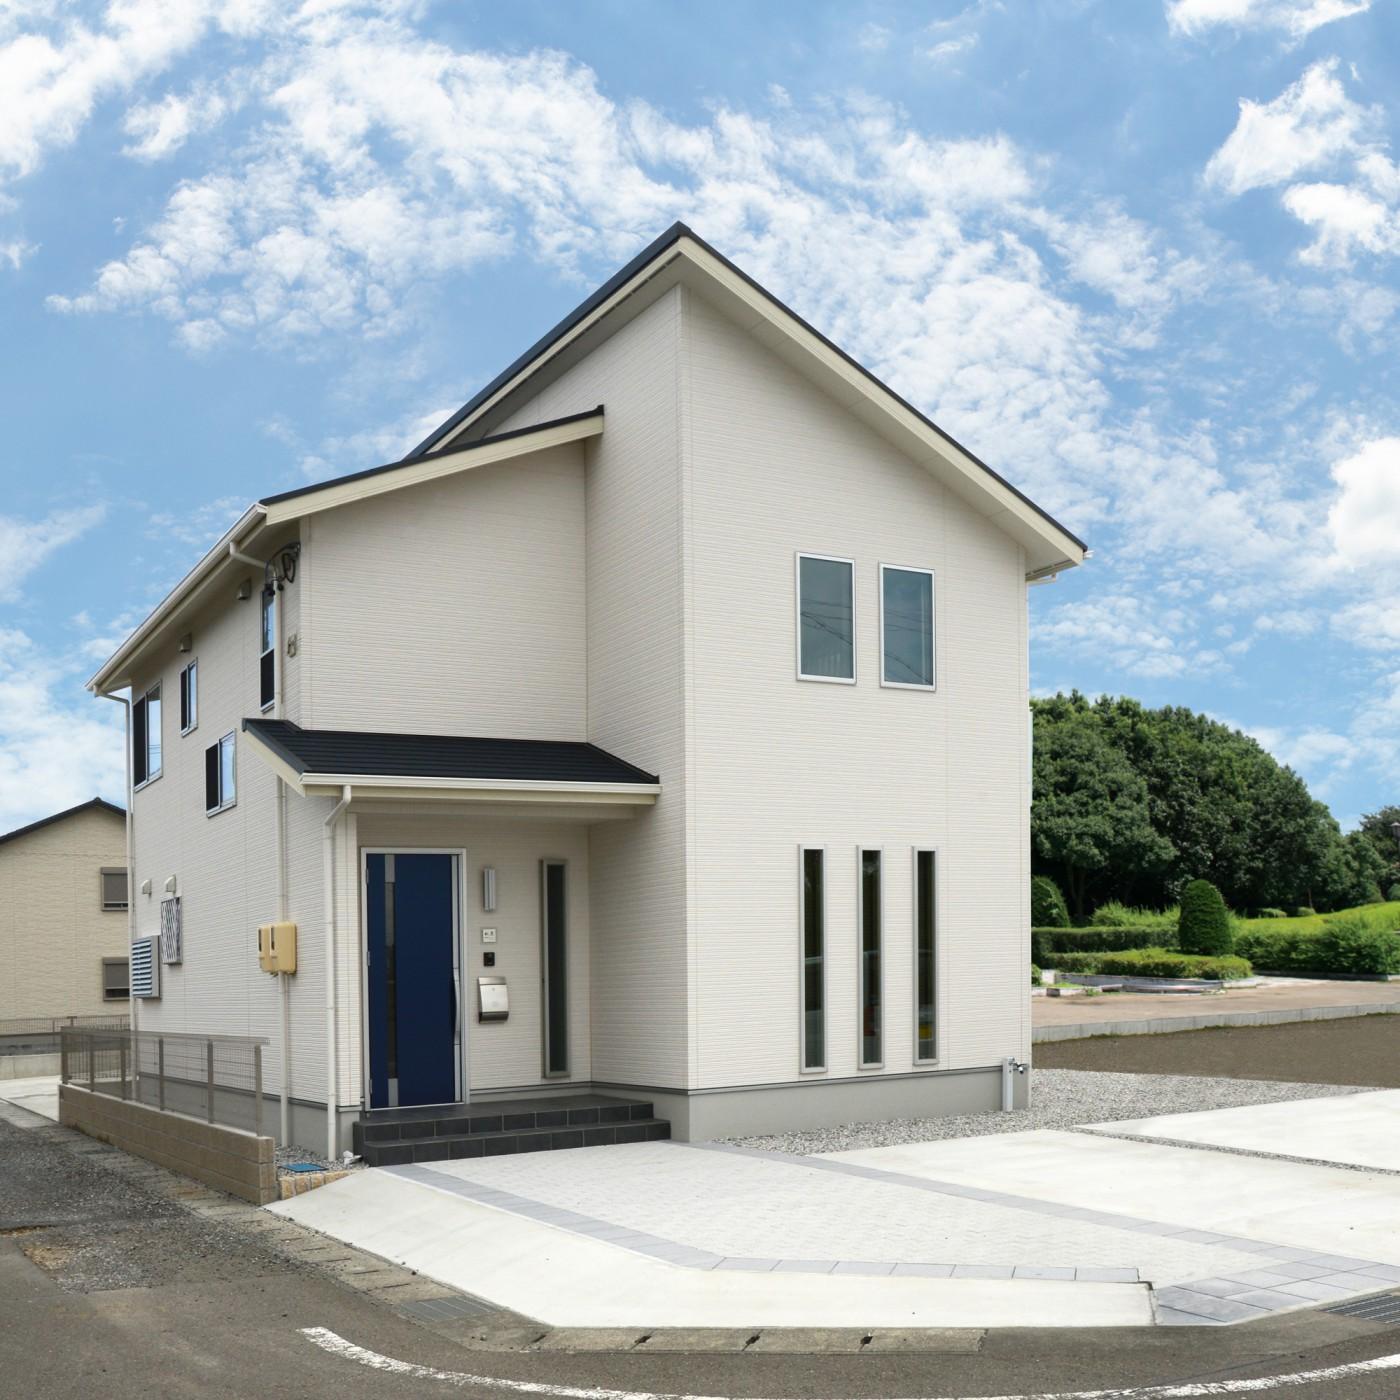 青い玄関ドアとリビングに設けたスリット窓が特徴のK様邸です。